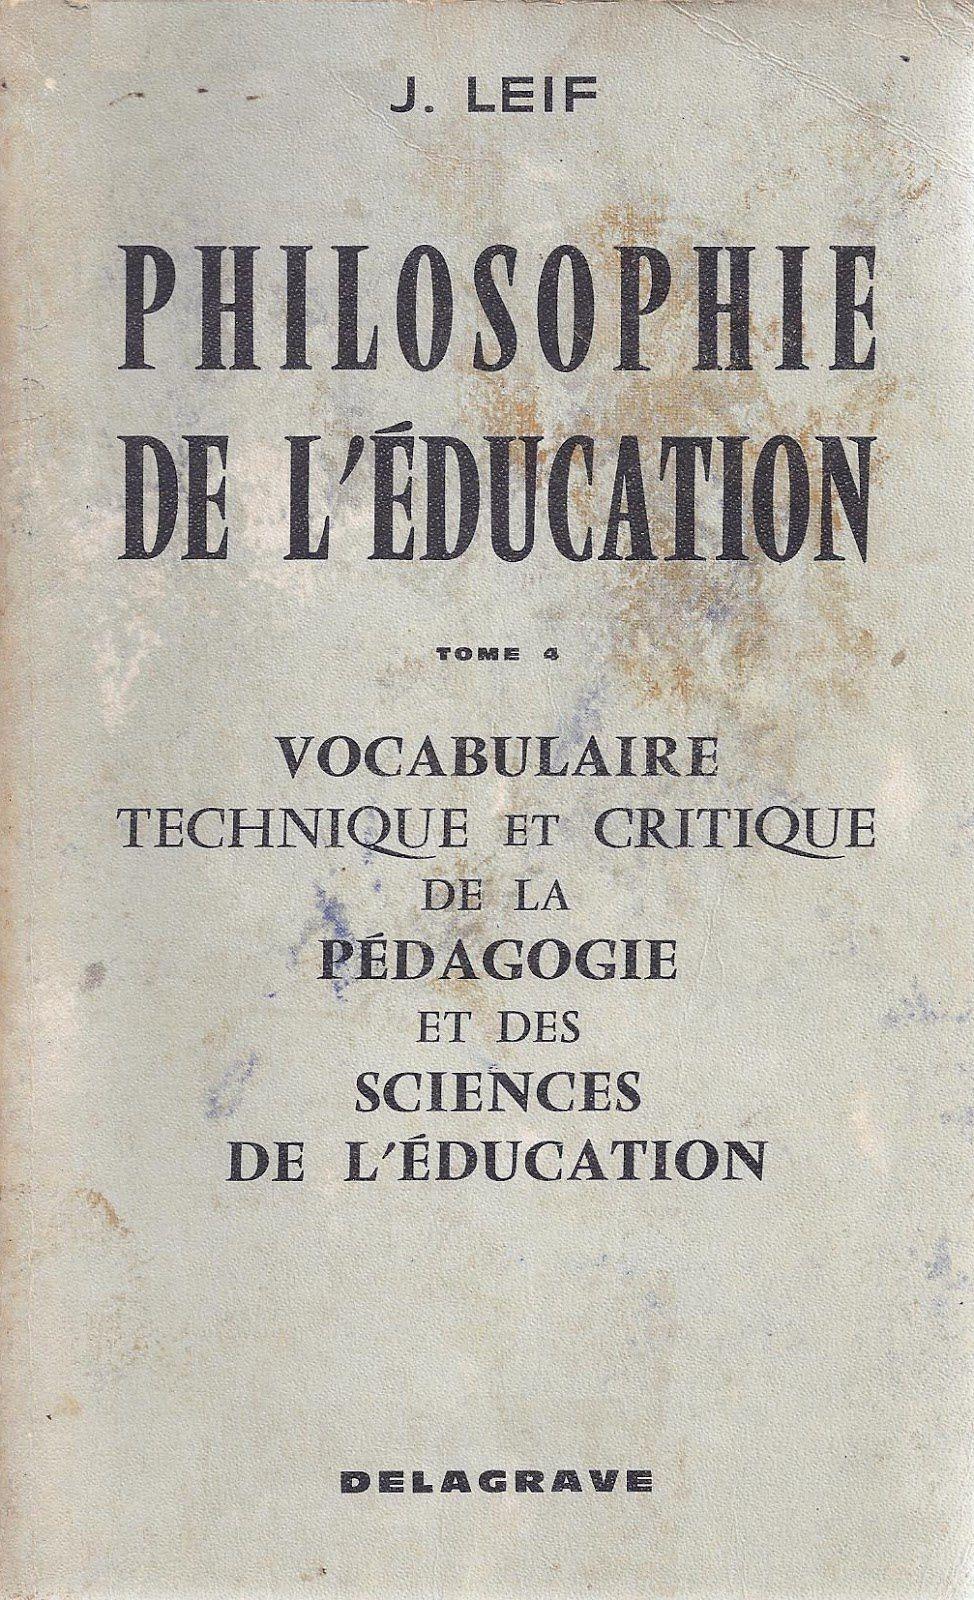 Philosophie de l'éducation. Leif. 1974 Delagrave.